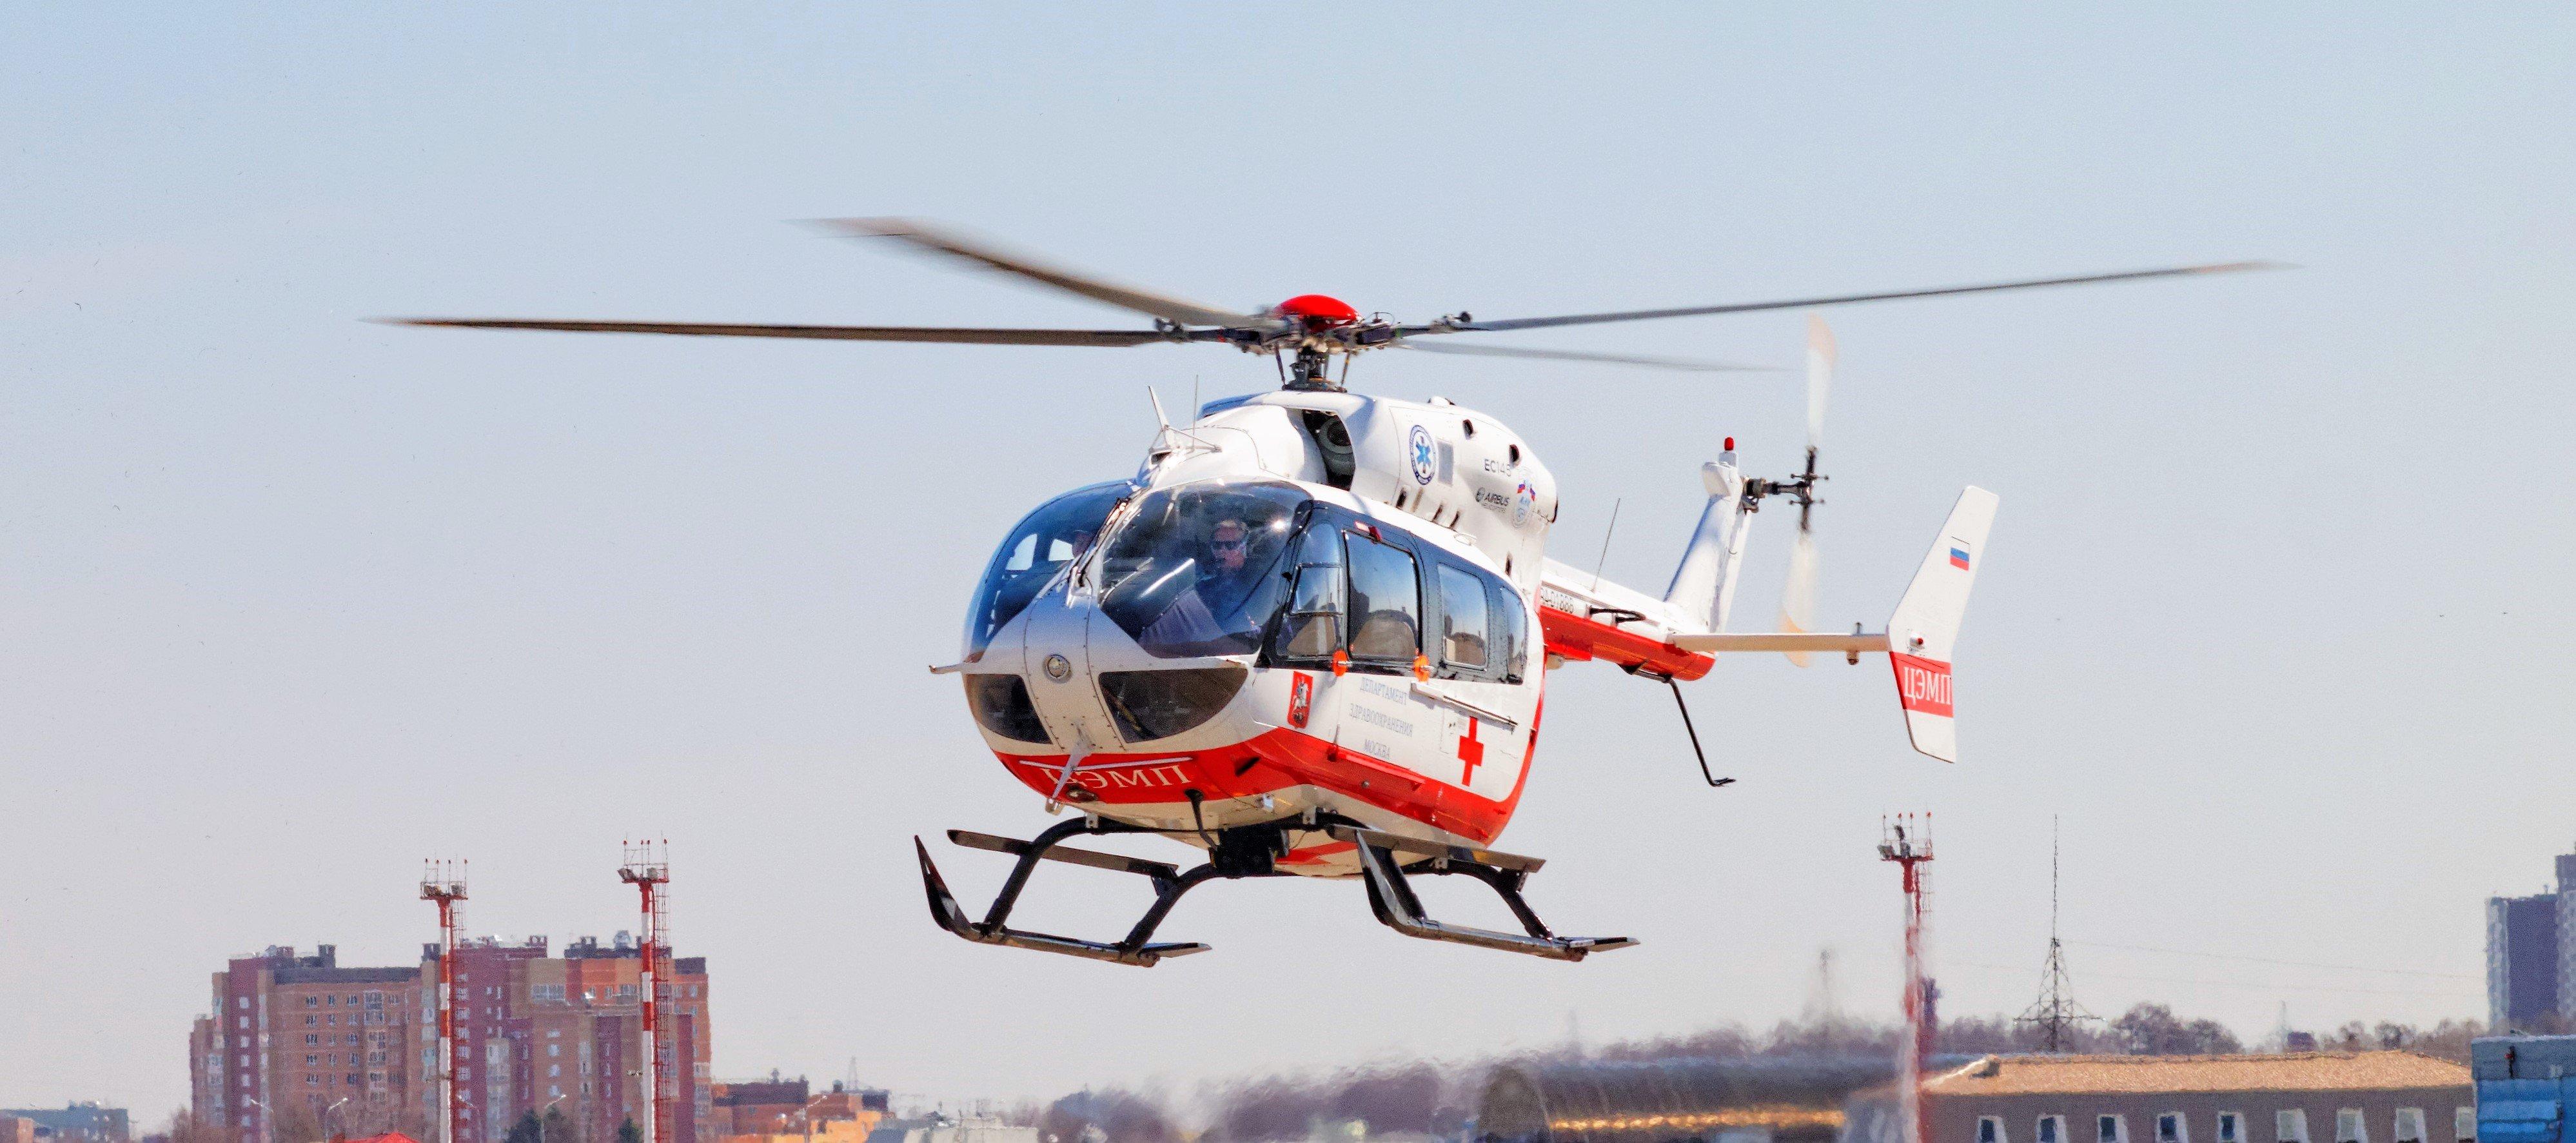 Еще больше вертолетных площадок для работы спасателей в ночное время